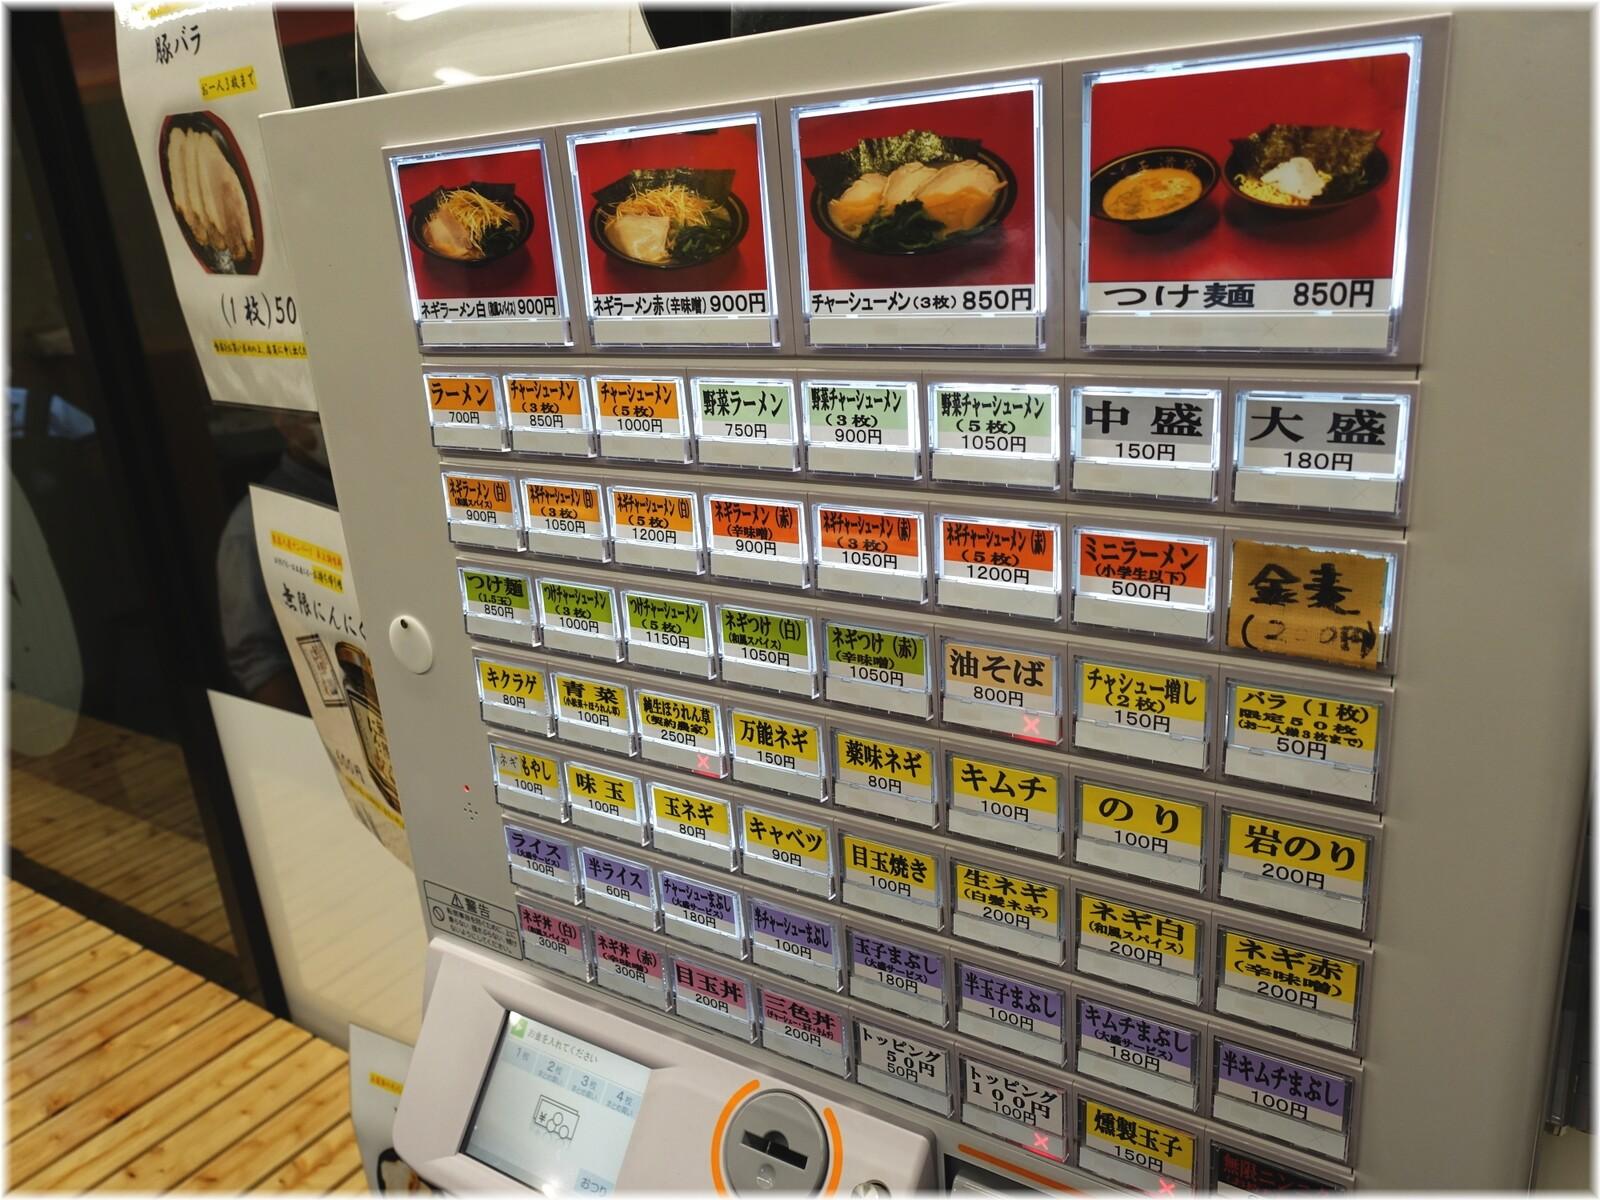 王道家直系 IEKEI TOKYO 食券機